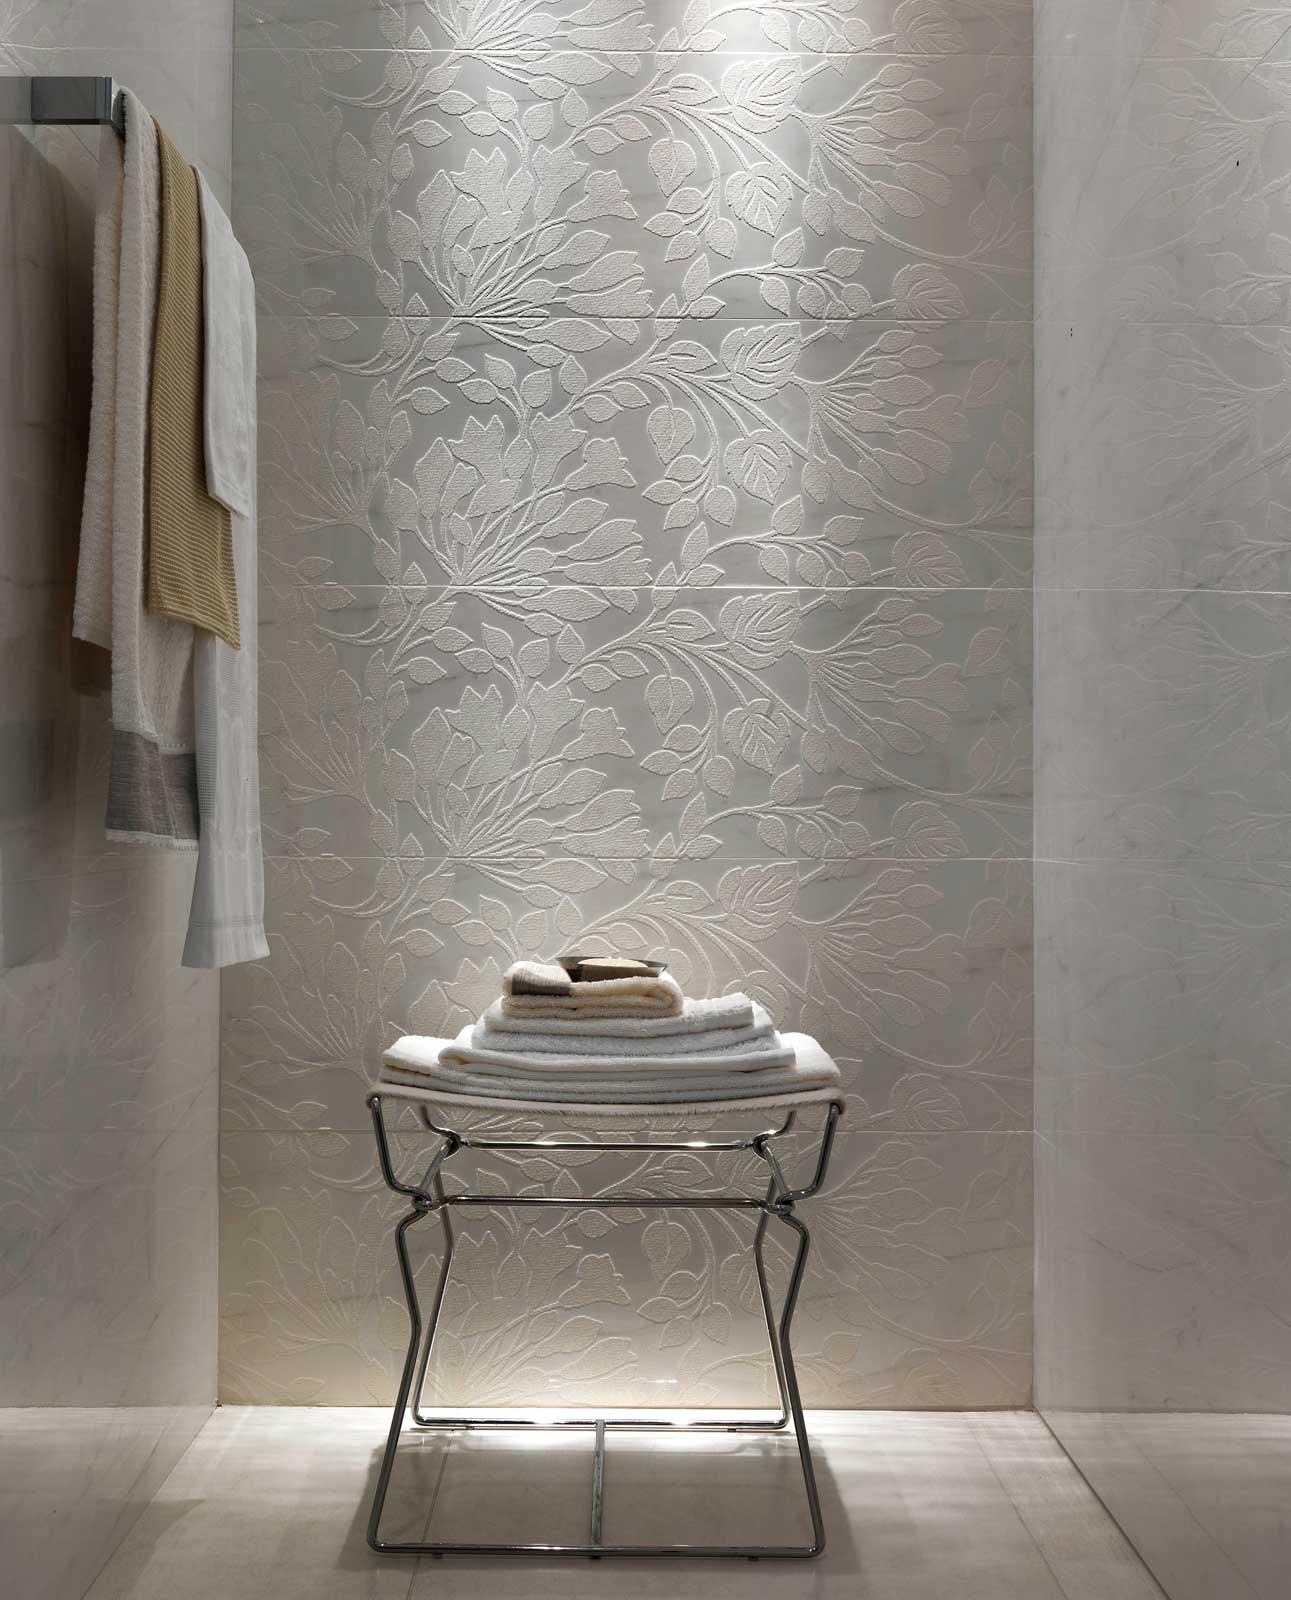 Stonevision rivestimento lucido marazzi - Ceramiche per bagno marazzi ...